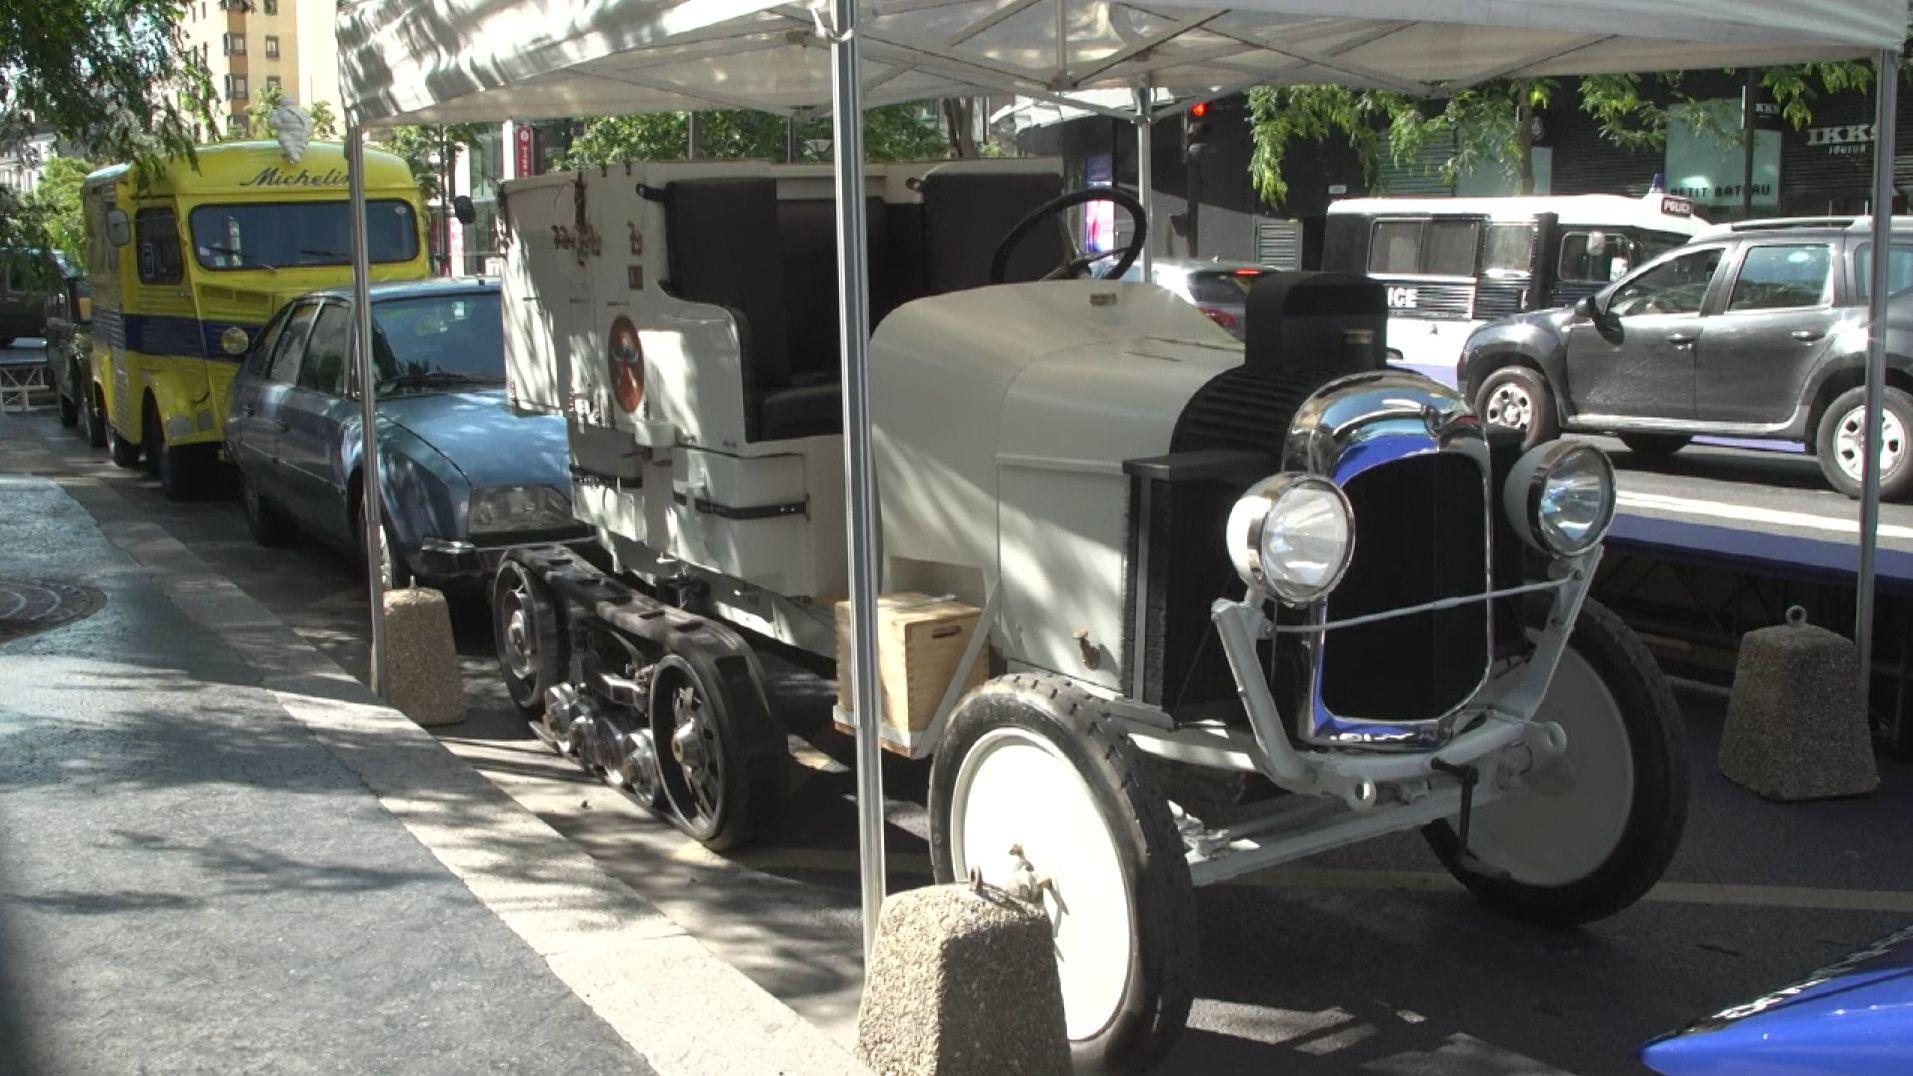 Weißer Citroën-Oldtimer unter Dach